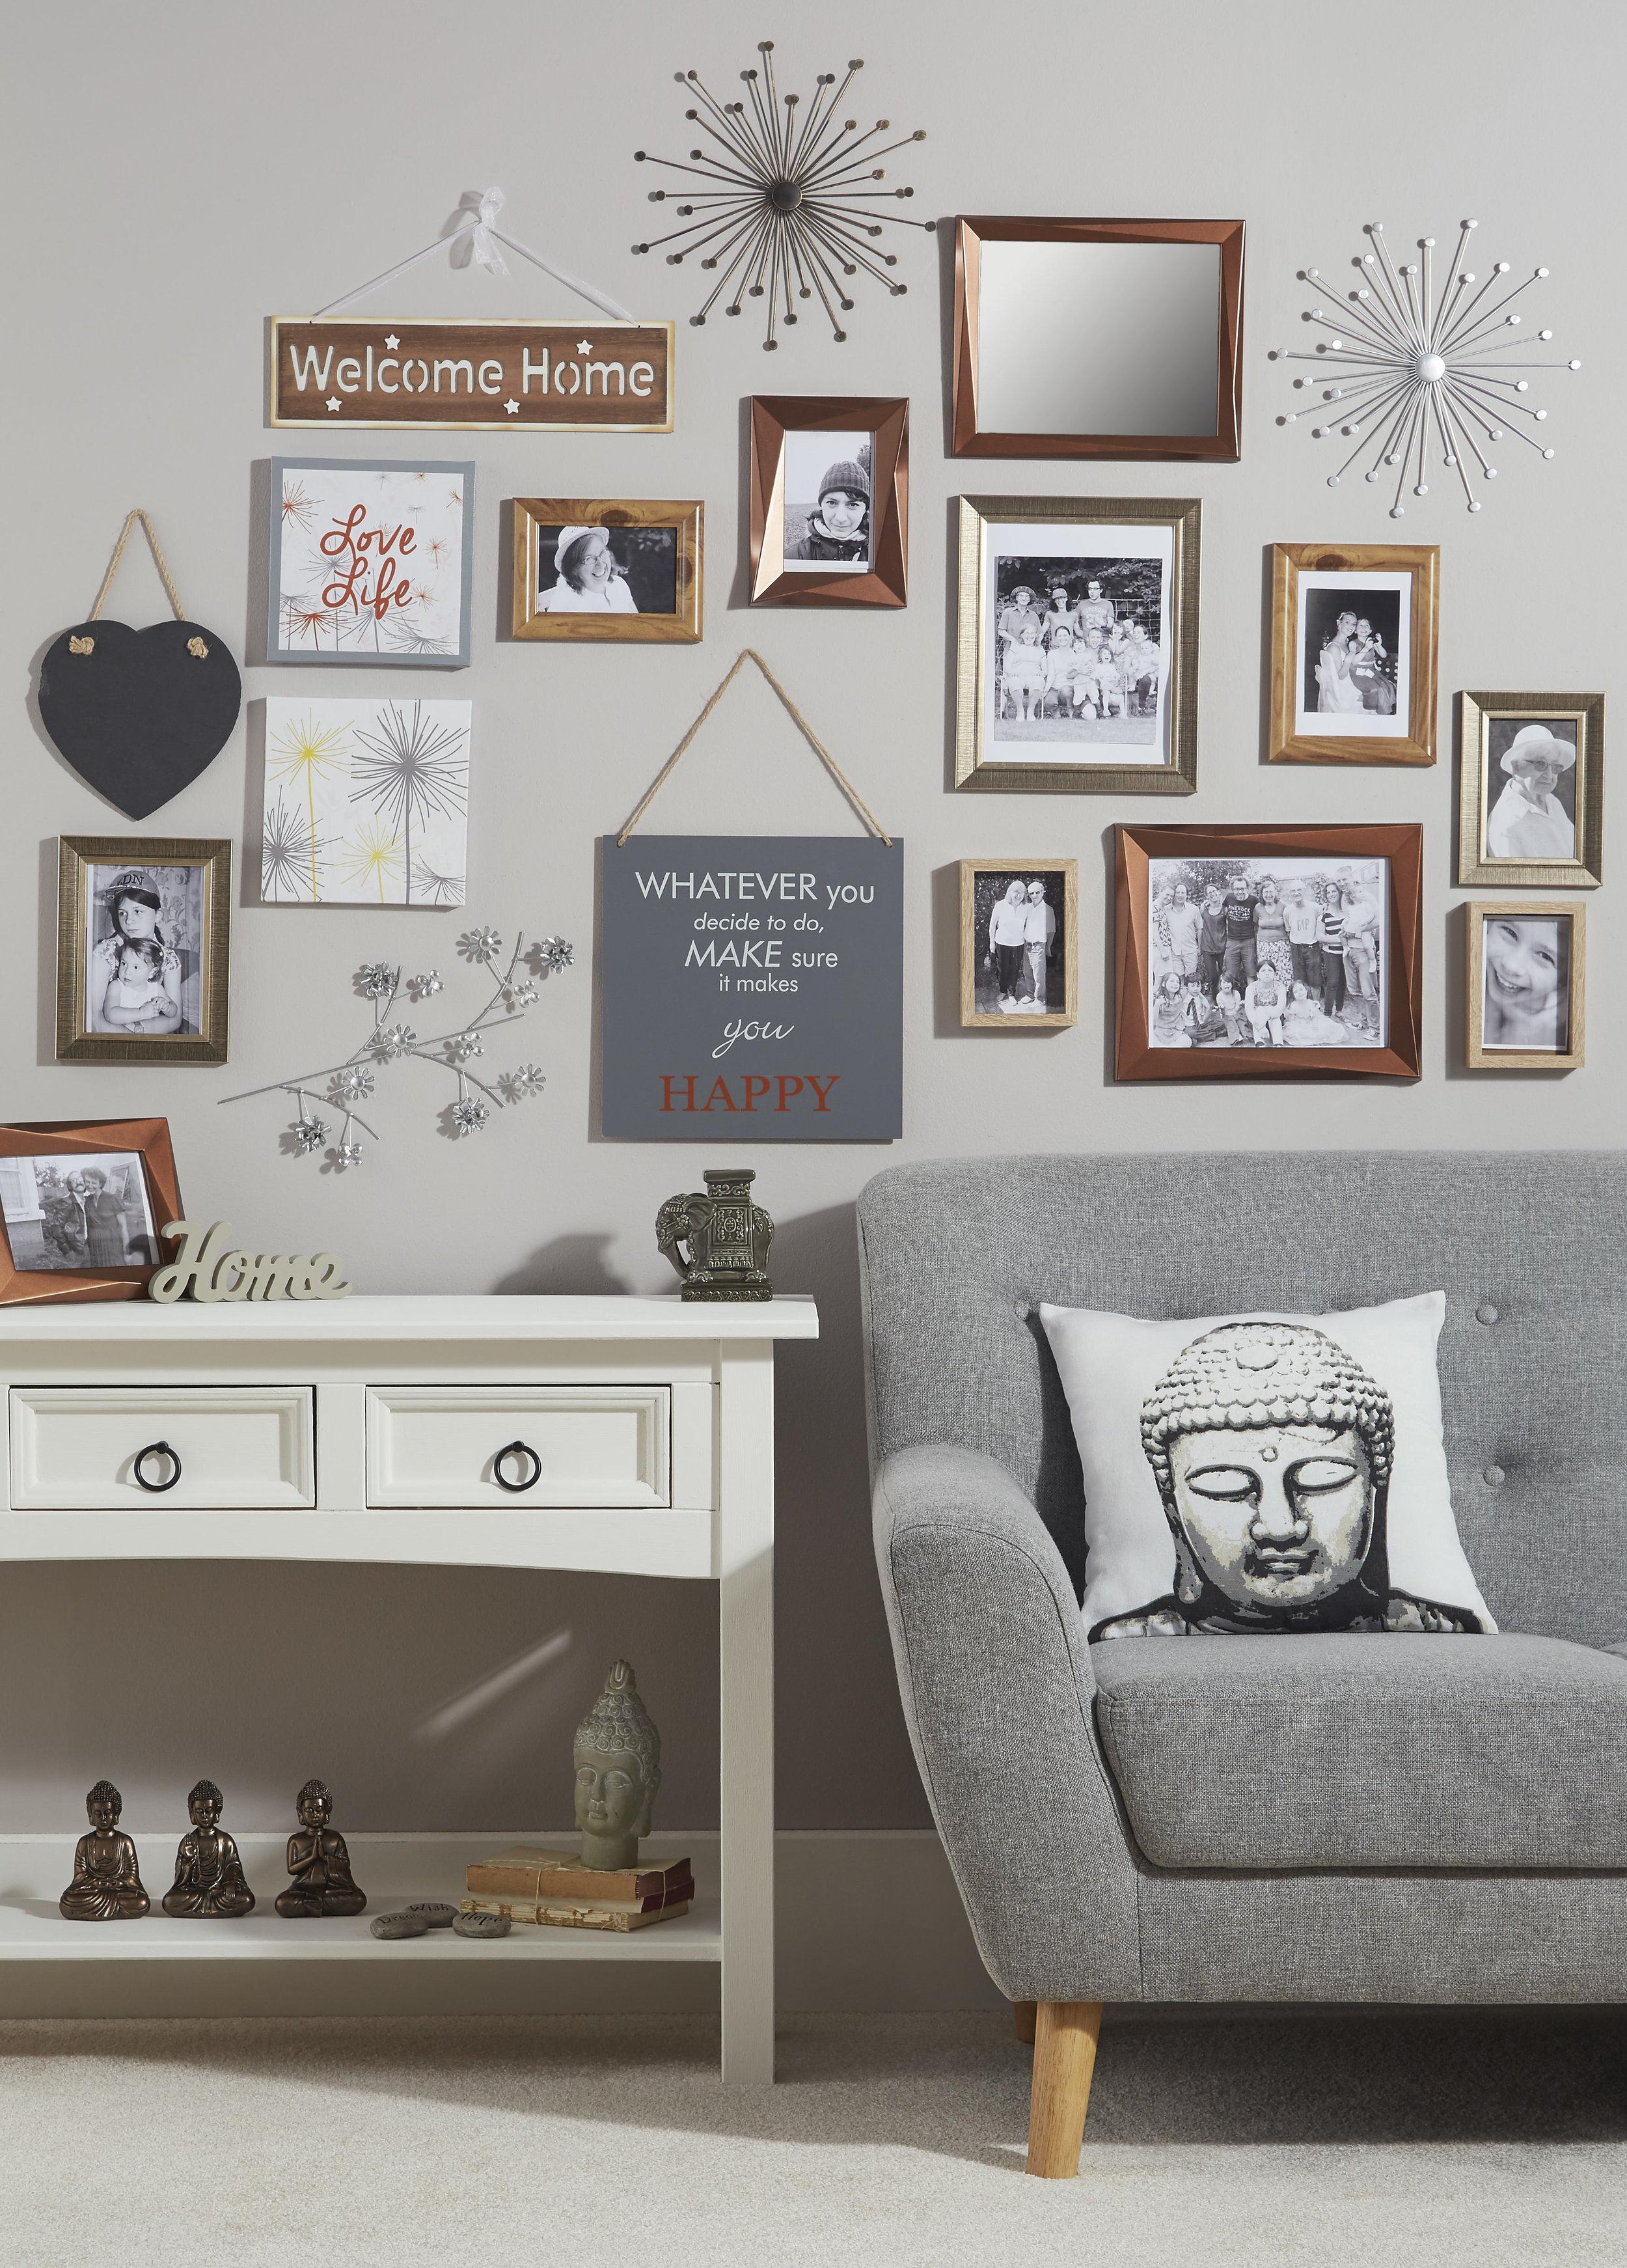 Image via  Norsu Interiors